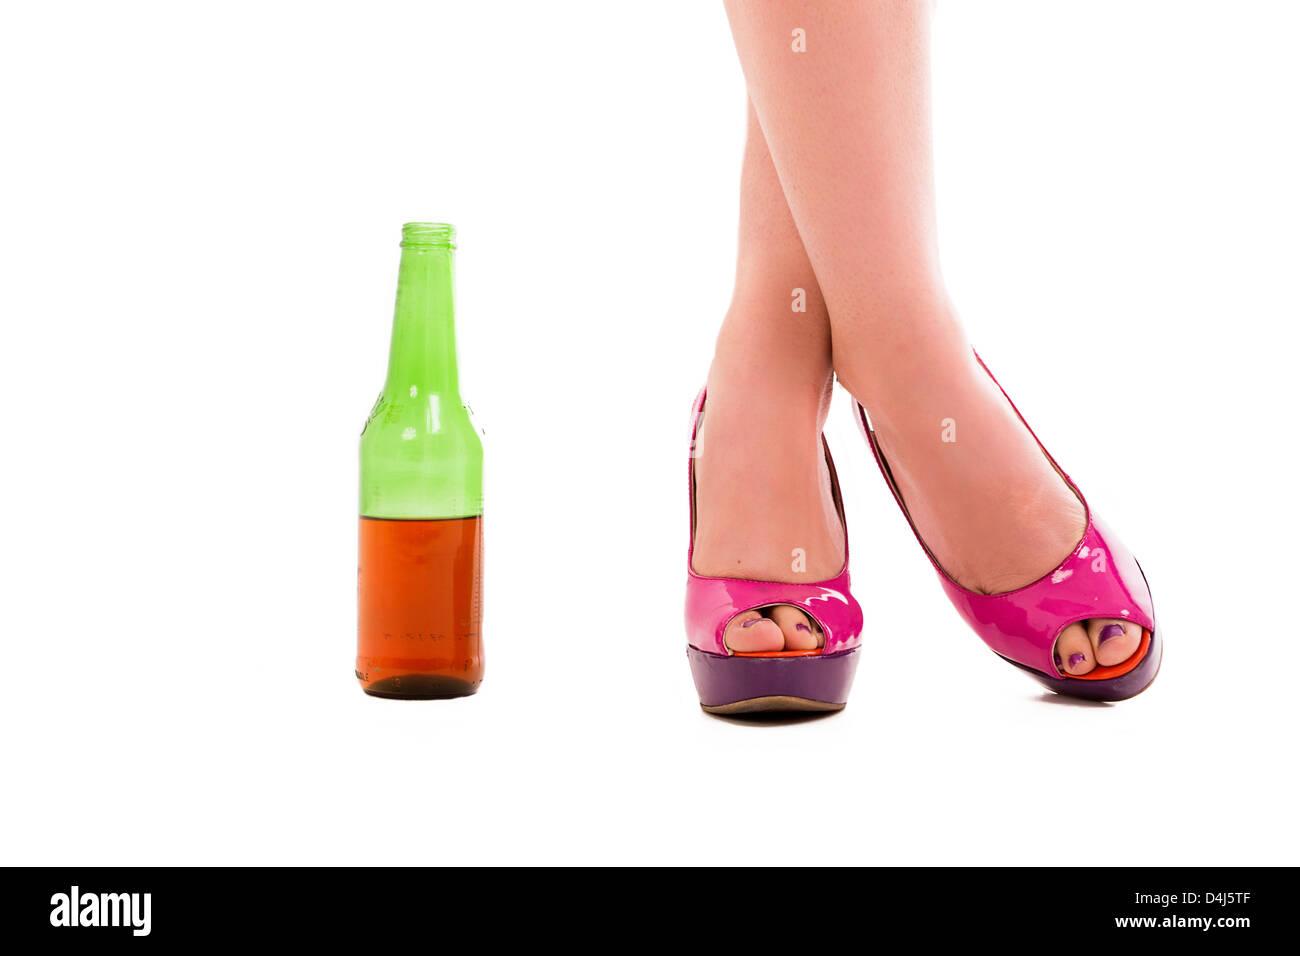 Heels Flasche Bier StockfotoBild54489471 Mit High Alamy ZiOPuXk